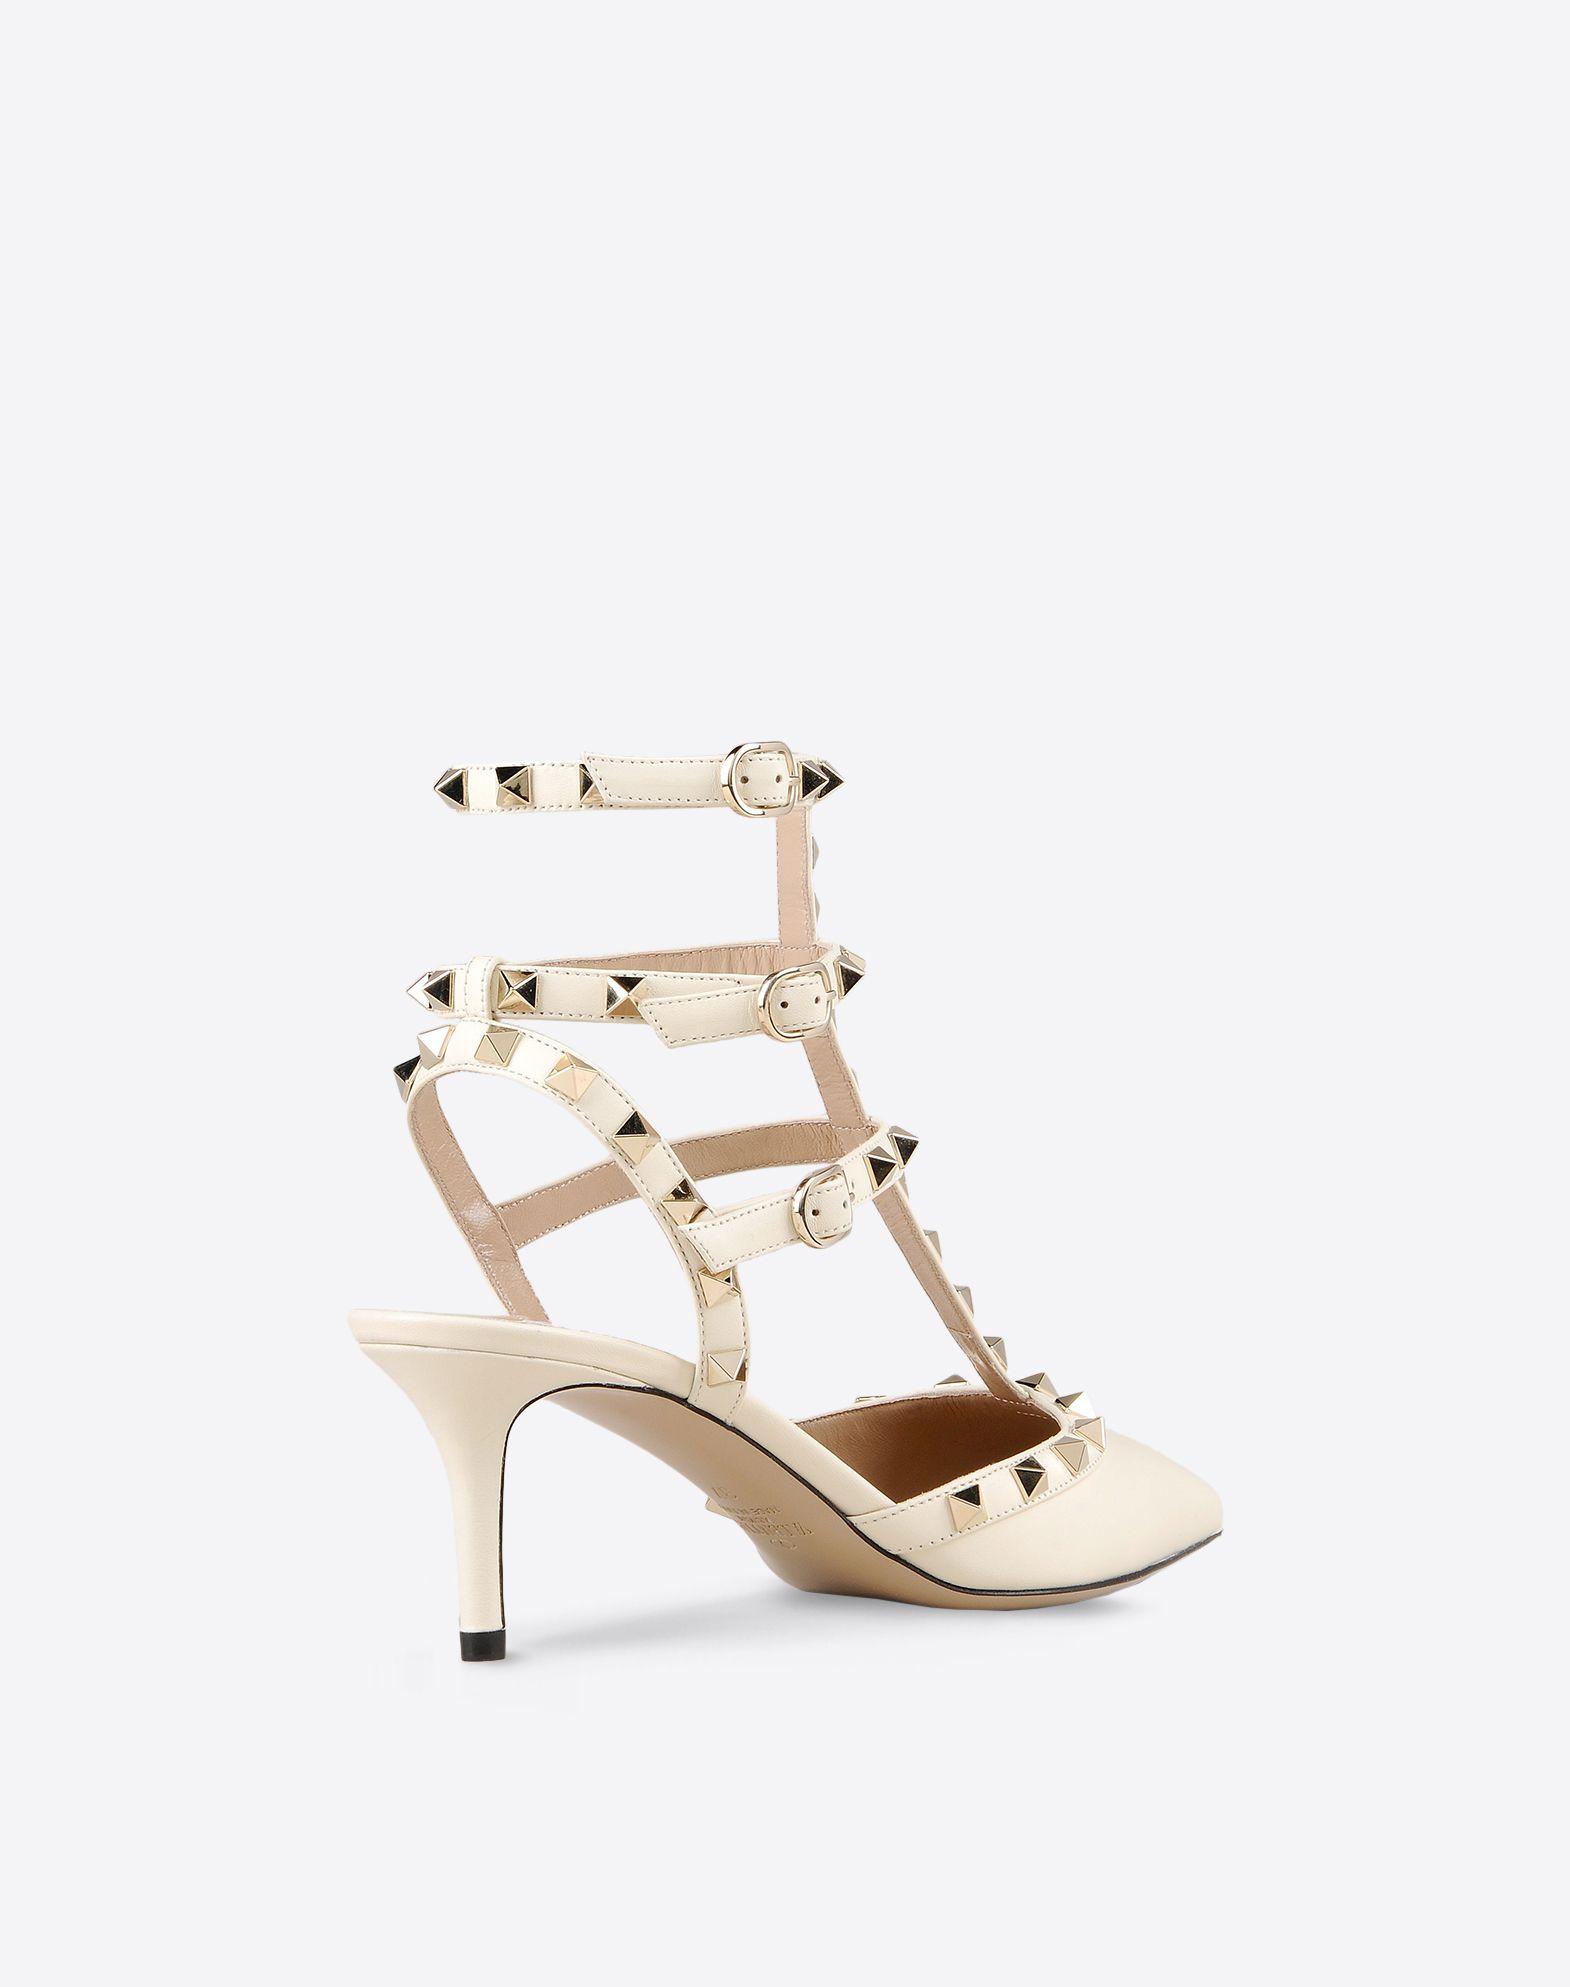 Valentino collezione 2016 scarpe sposa Ankle strap Rockstud1  93ca7161677